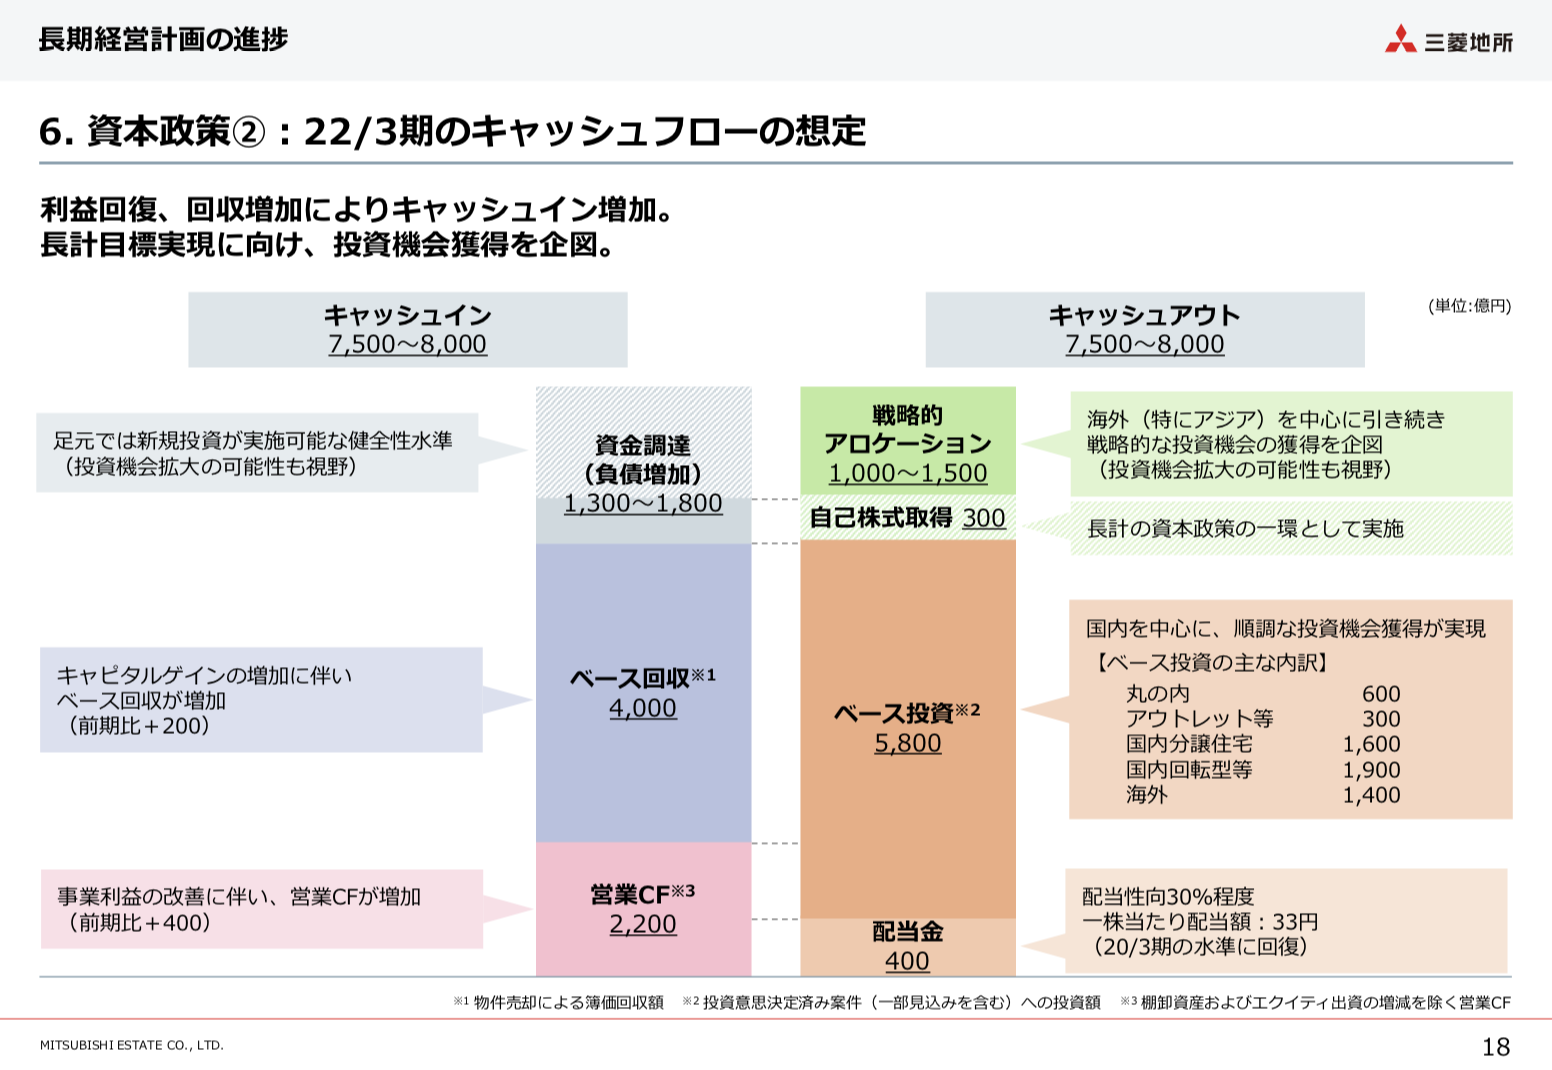 三菱地所株式会社 2021年3月期 IR説明資料